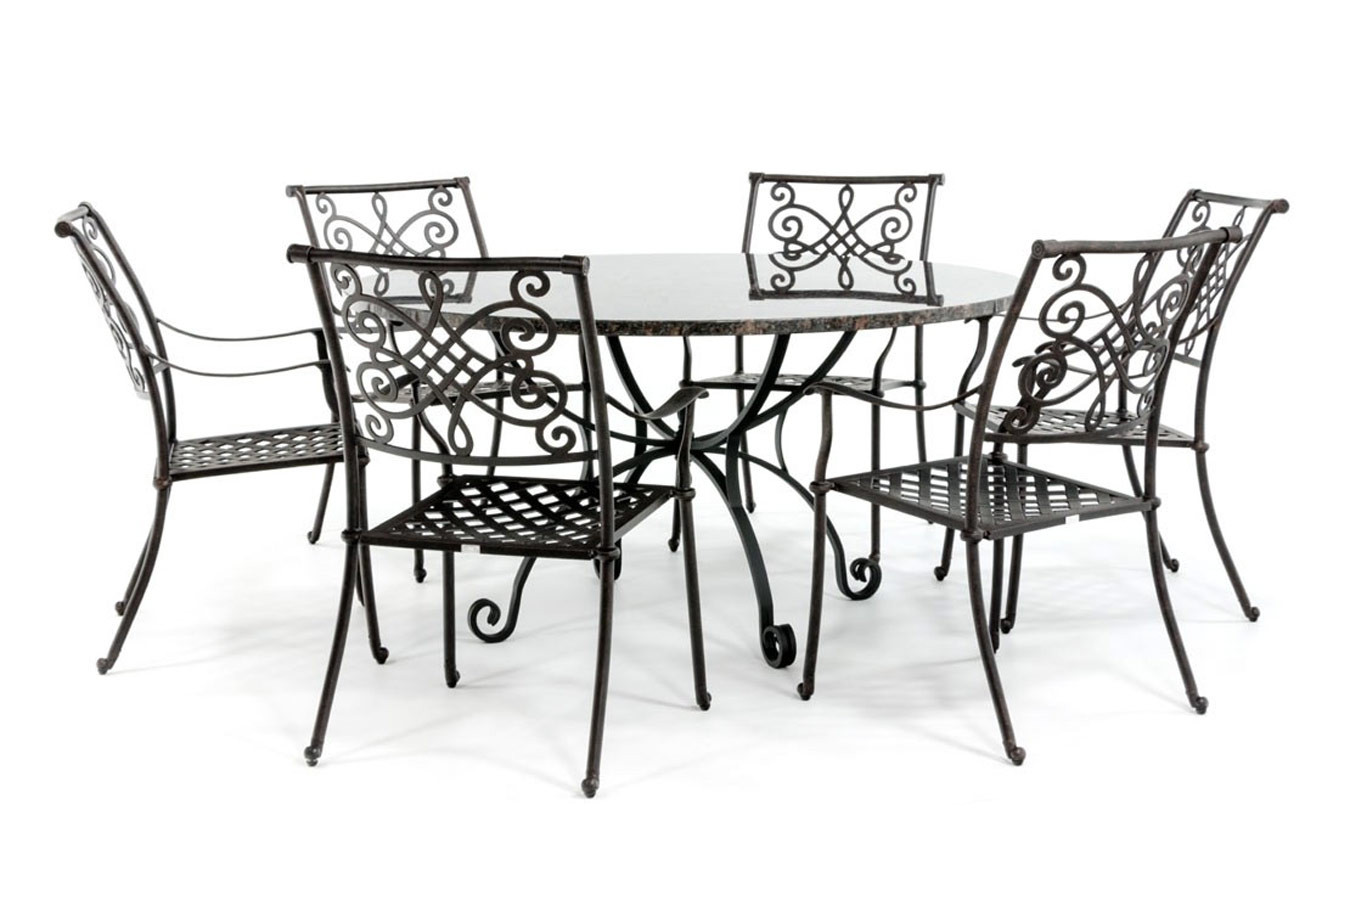 Runder Gartentisch mit Granitplatte und schmiedeeisernem Fuß